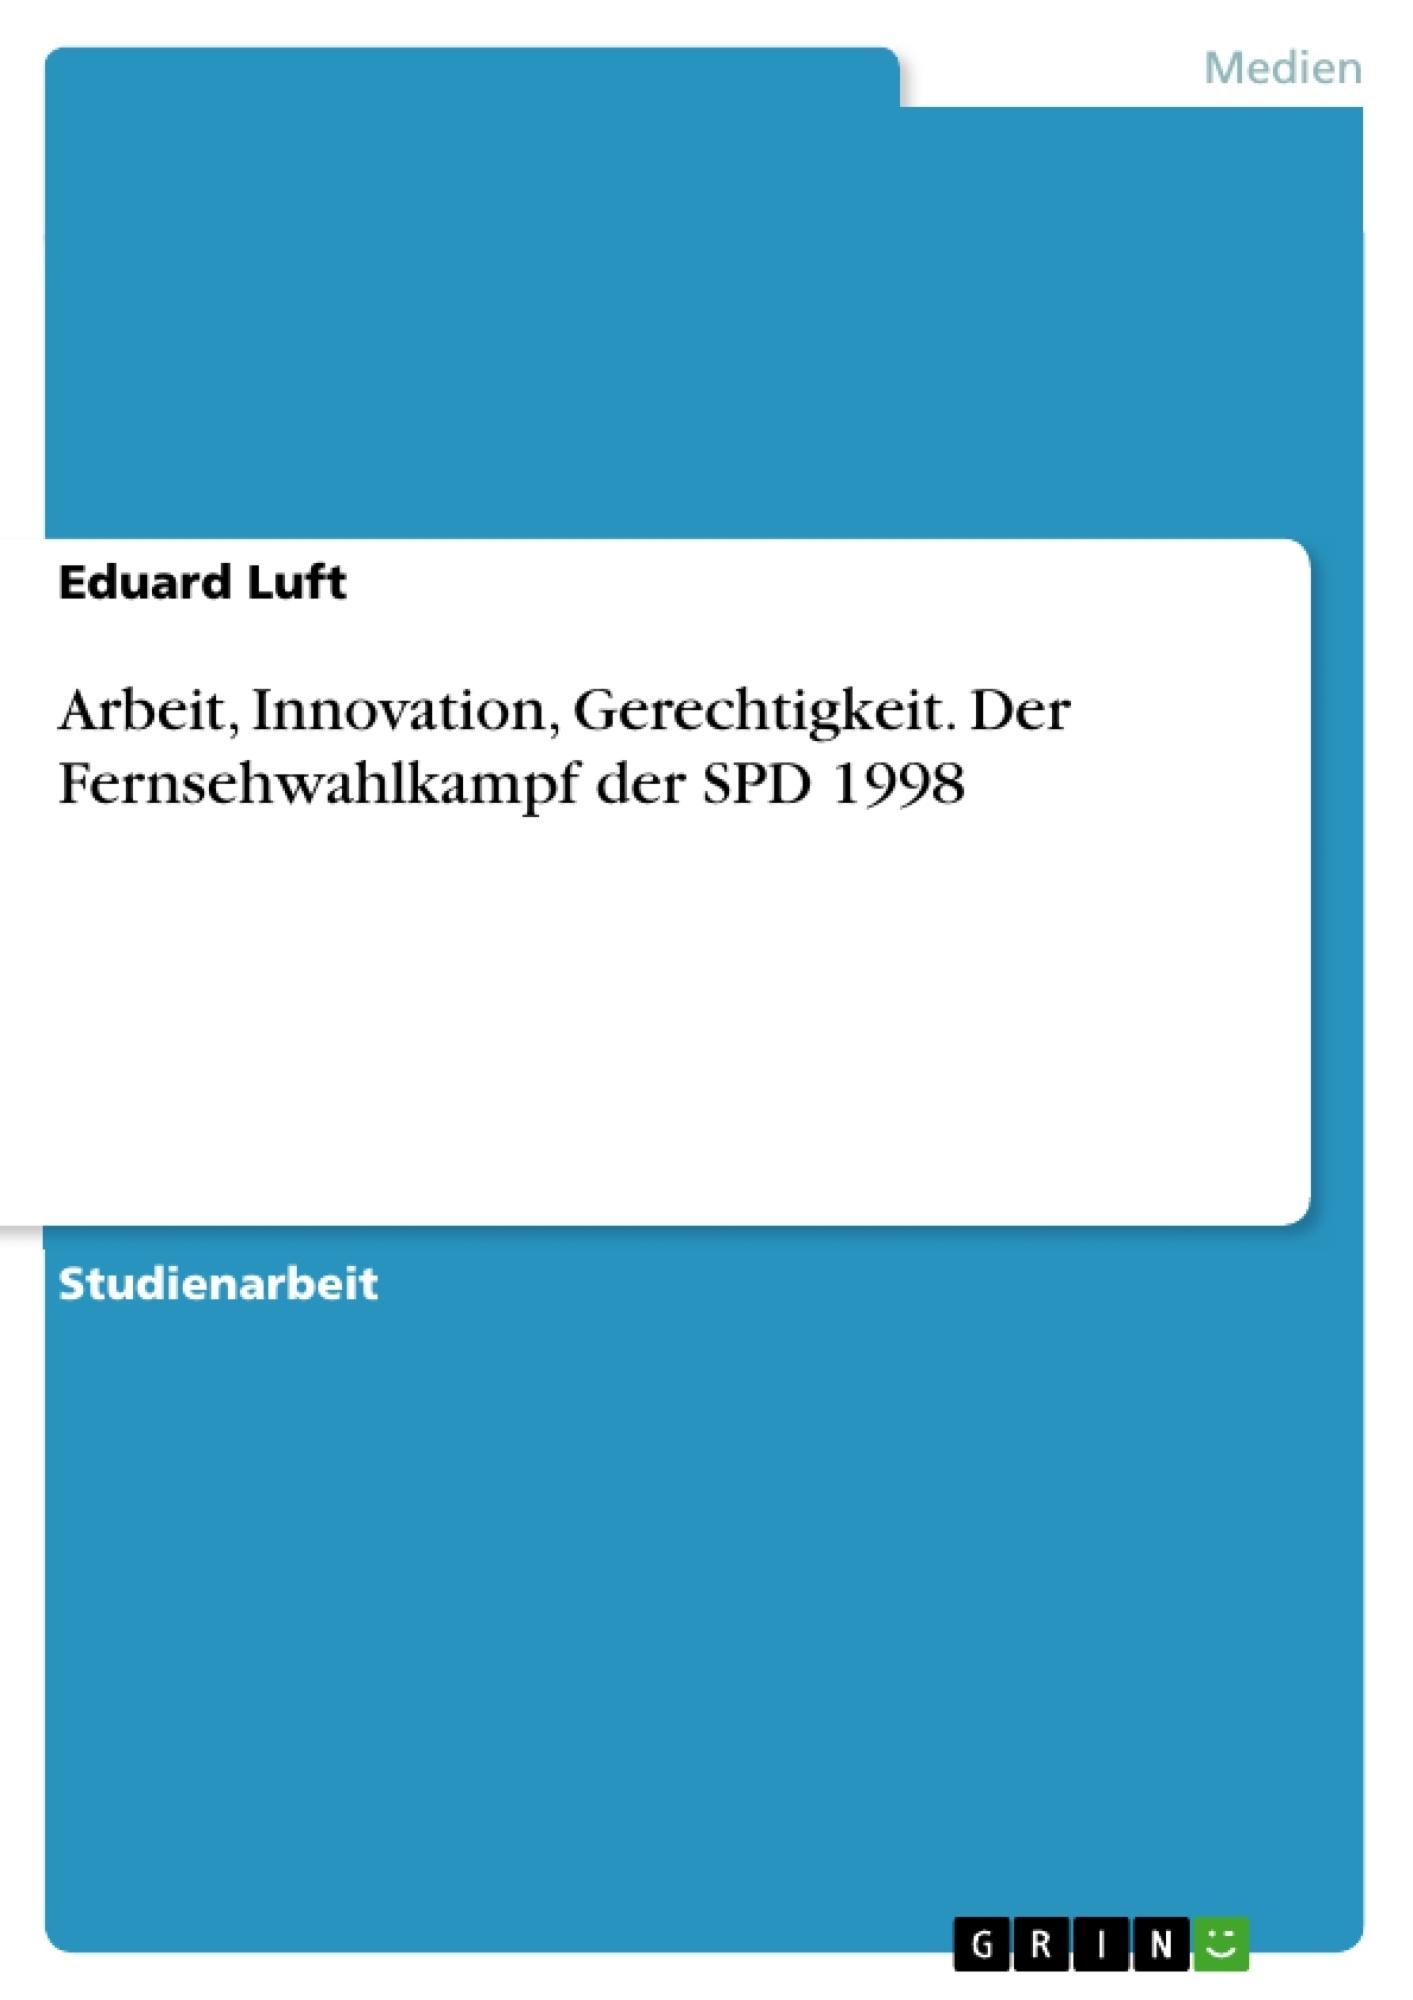 Titel: Arbeit, Innovation, Gerechtigkeit. Der Fernsehwahlkampf der SPD 1998